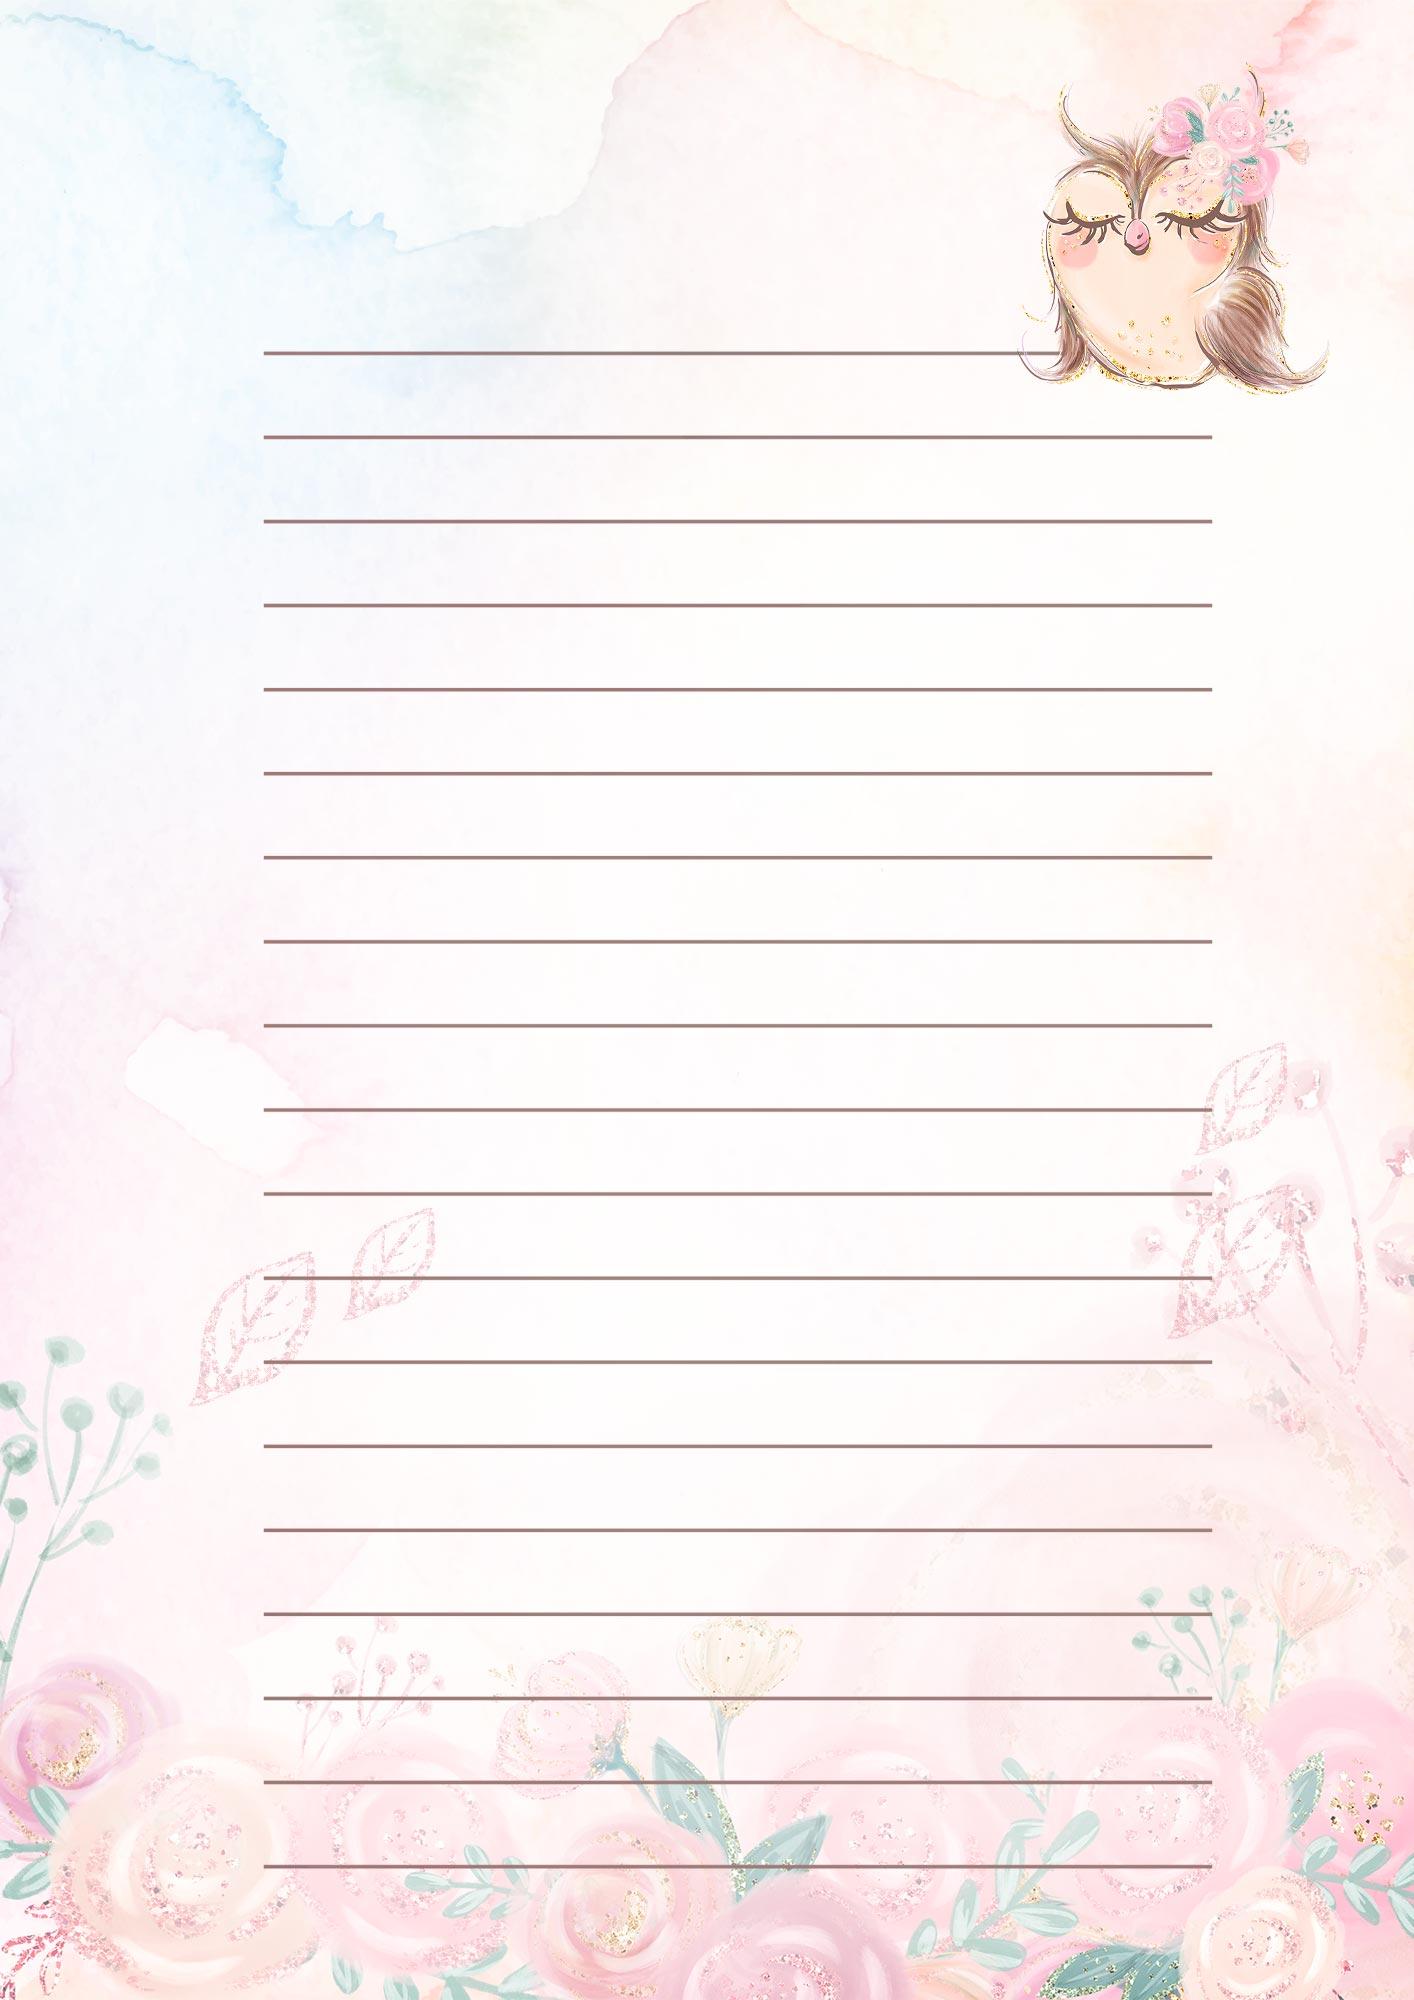 Caderno de Planejamento Educacao Infantil Corujinha Modelo em Branco